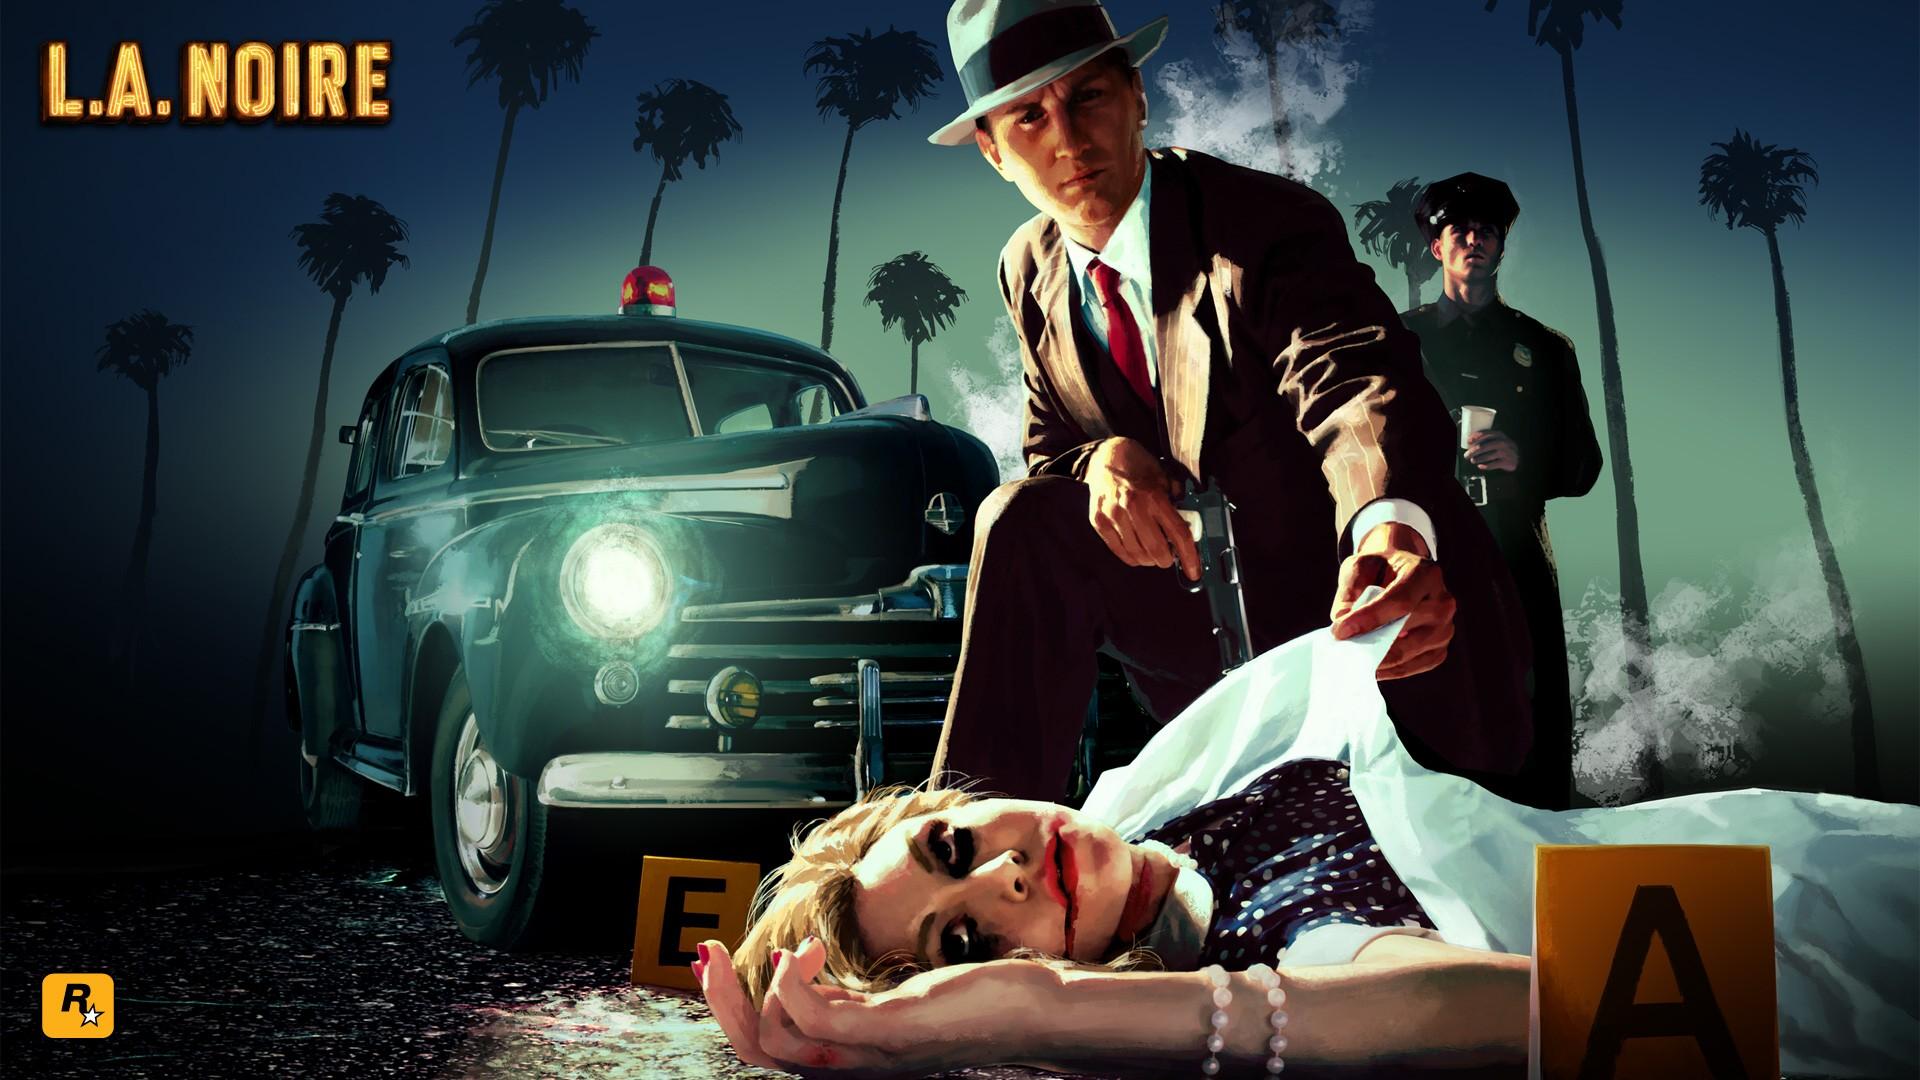 L.A. Noire tendrá su versión para Realidad Virtual, Switch, PS4 y Xbox One!